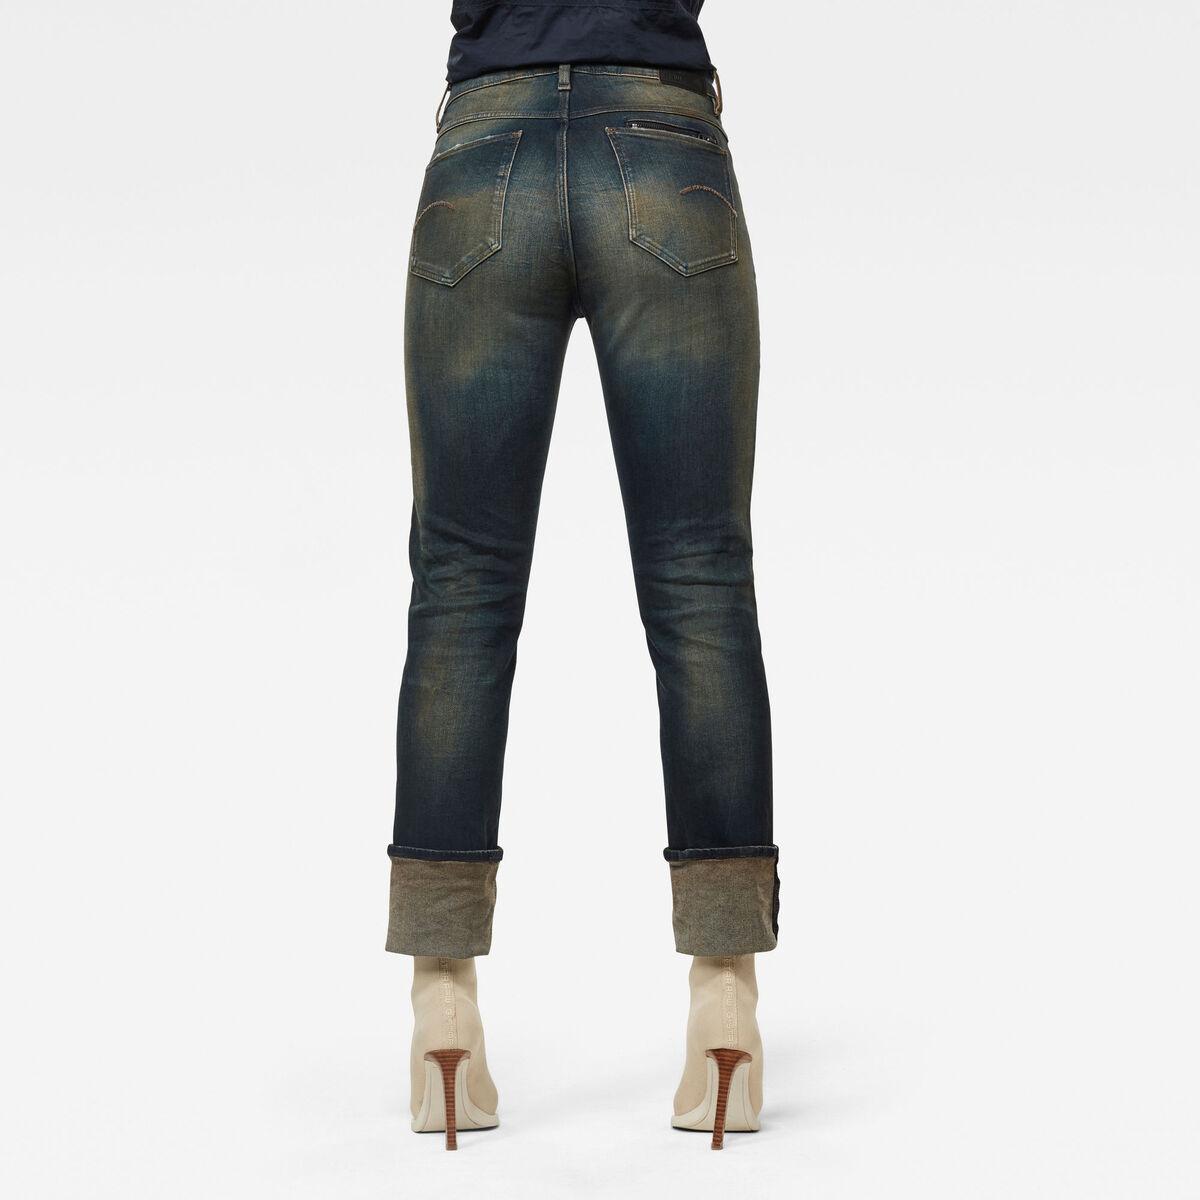 Bild 2 von Noxer High Straight Jeans